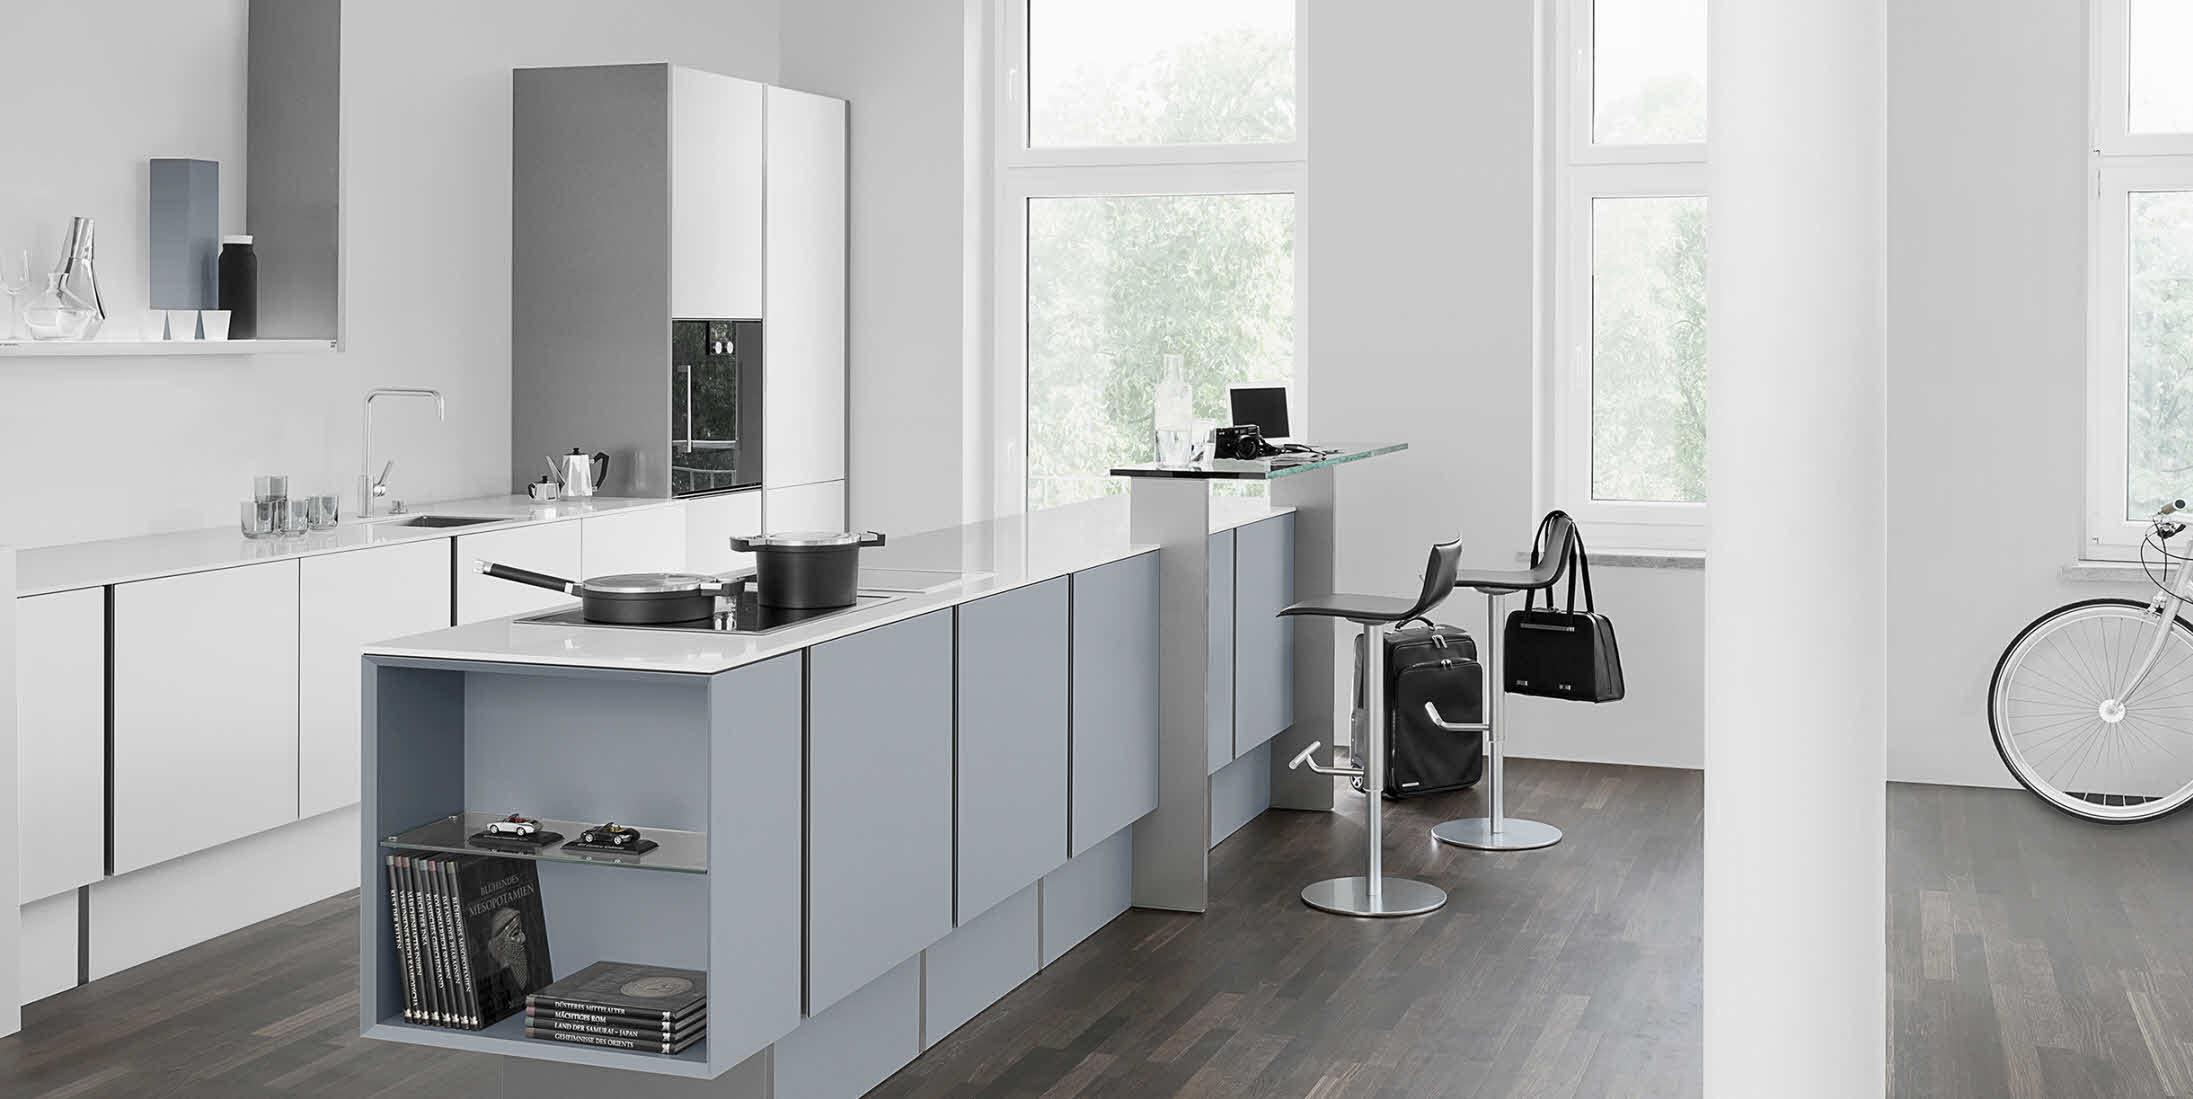 De nieuwe poggenpohl keuken p`7350 design by porsche   nieuws ...